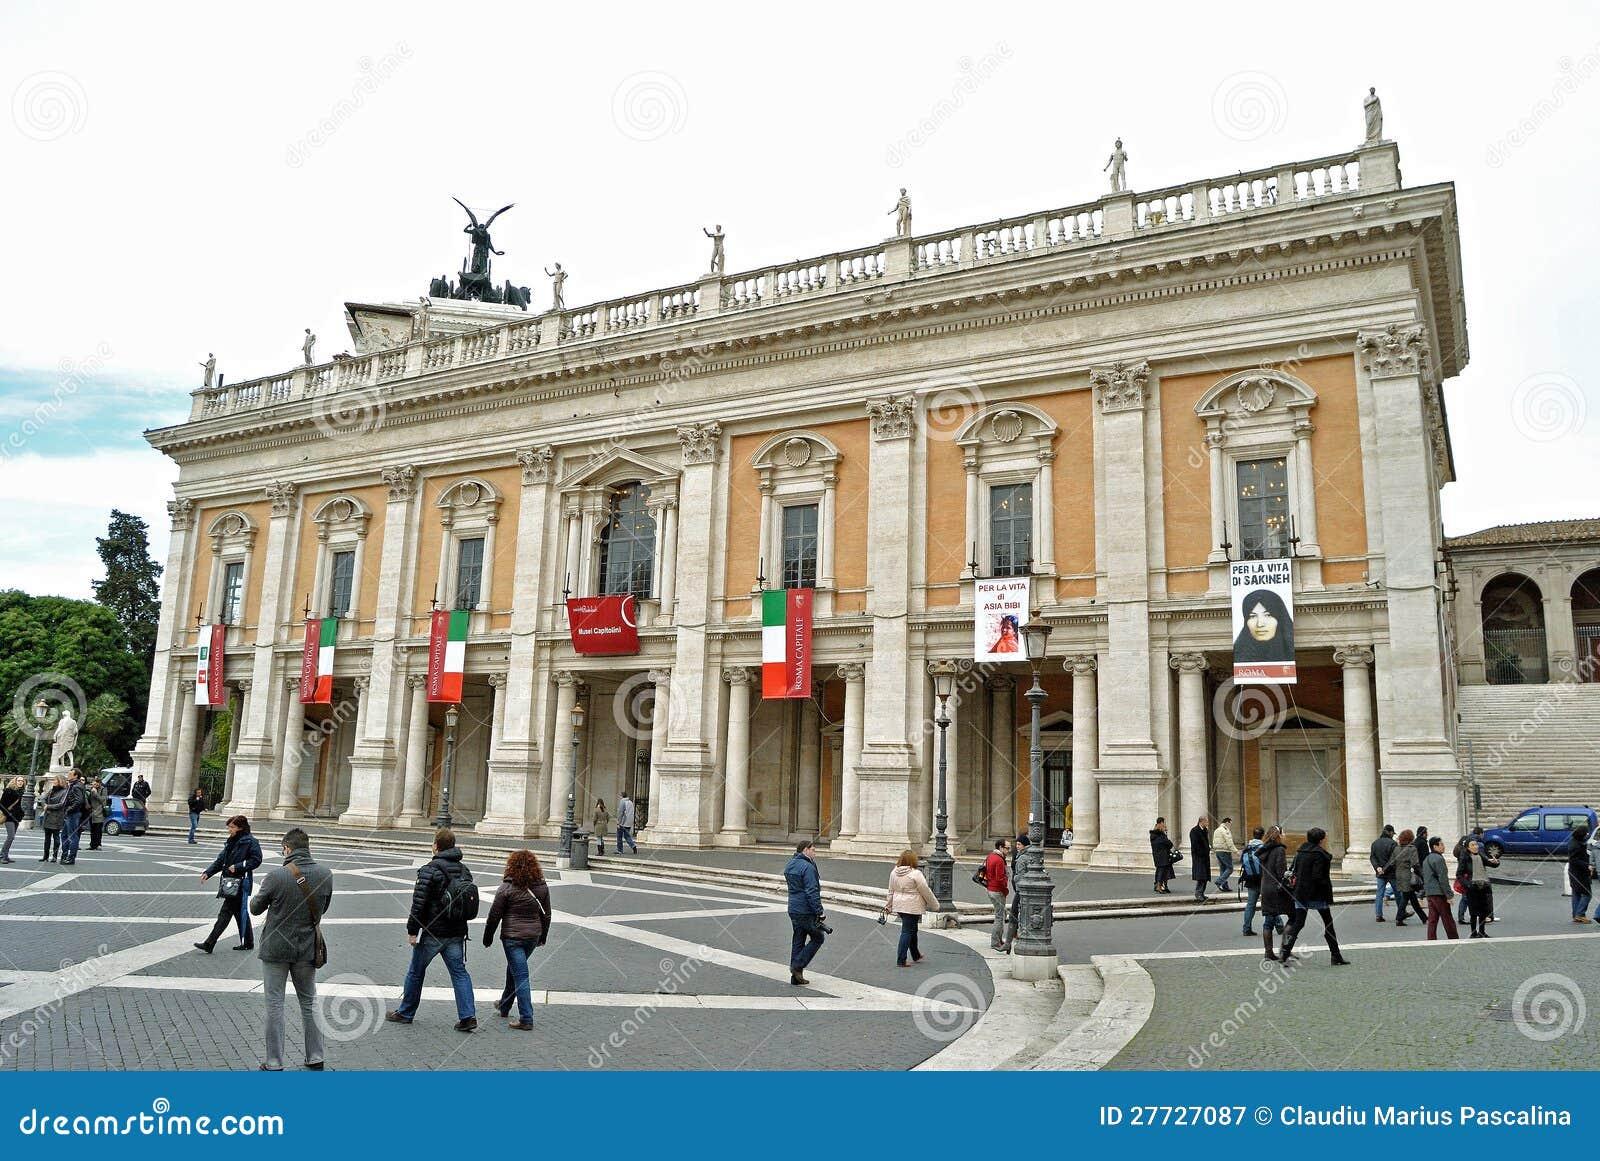 Palazzo dei Conservatori in Rom, Italien